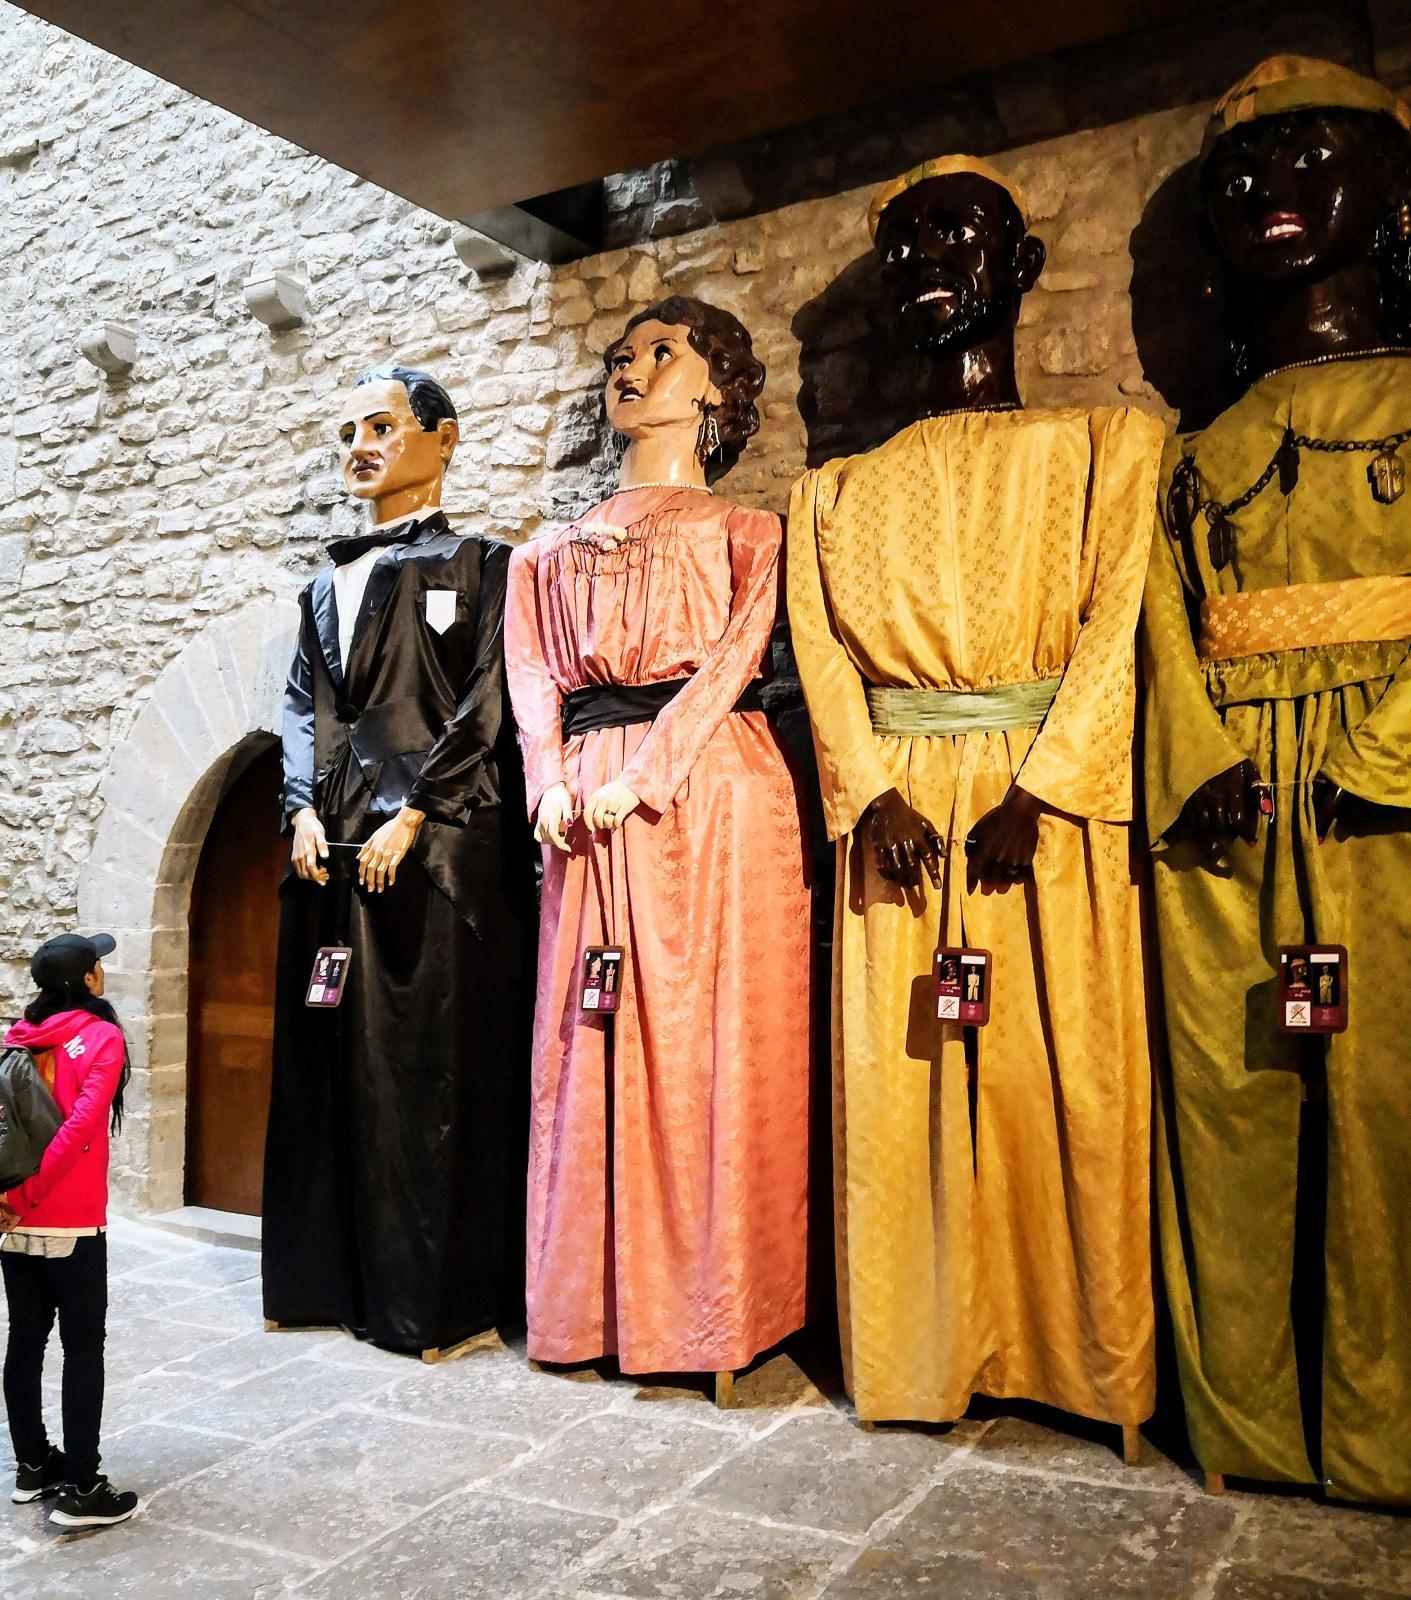 Jättelika dockor står och väntar på nästa procession genom staden.